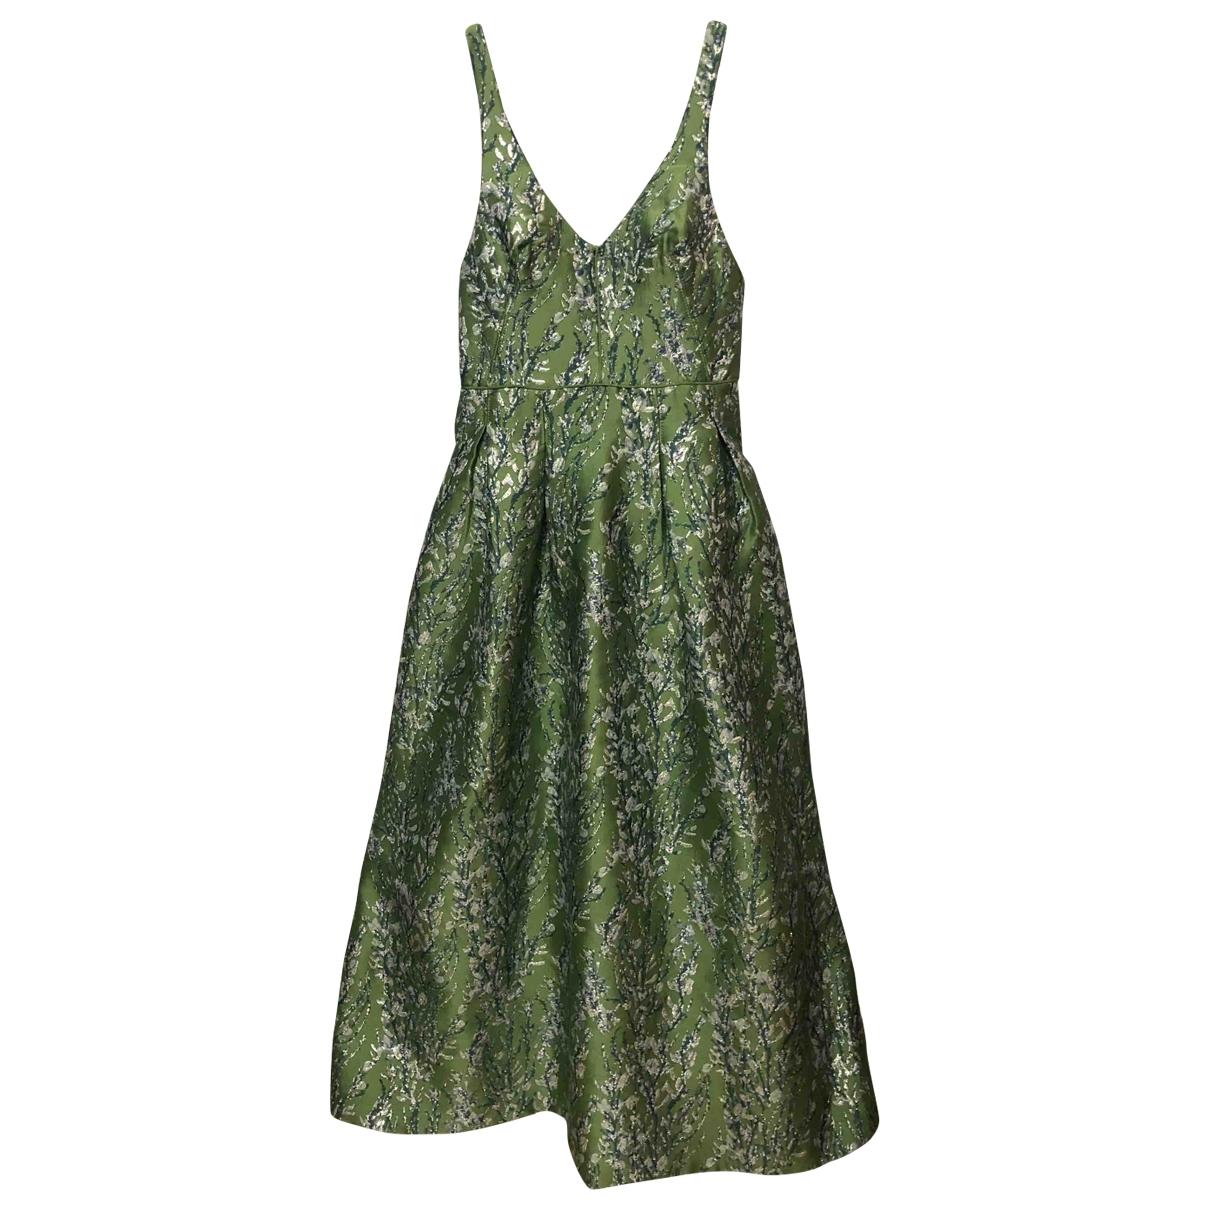 Hm Conscious Exclusive - Robe   pour femme - vert